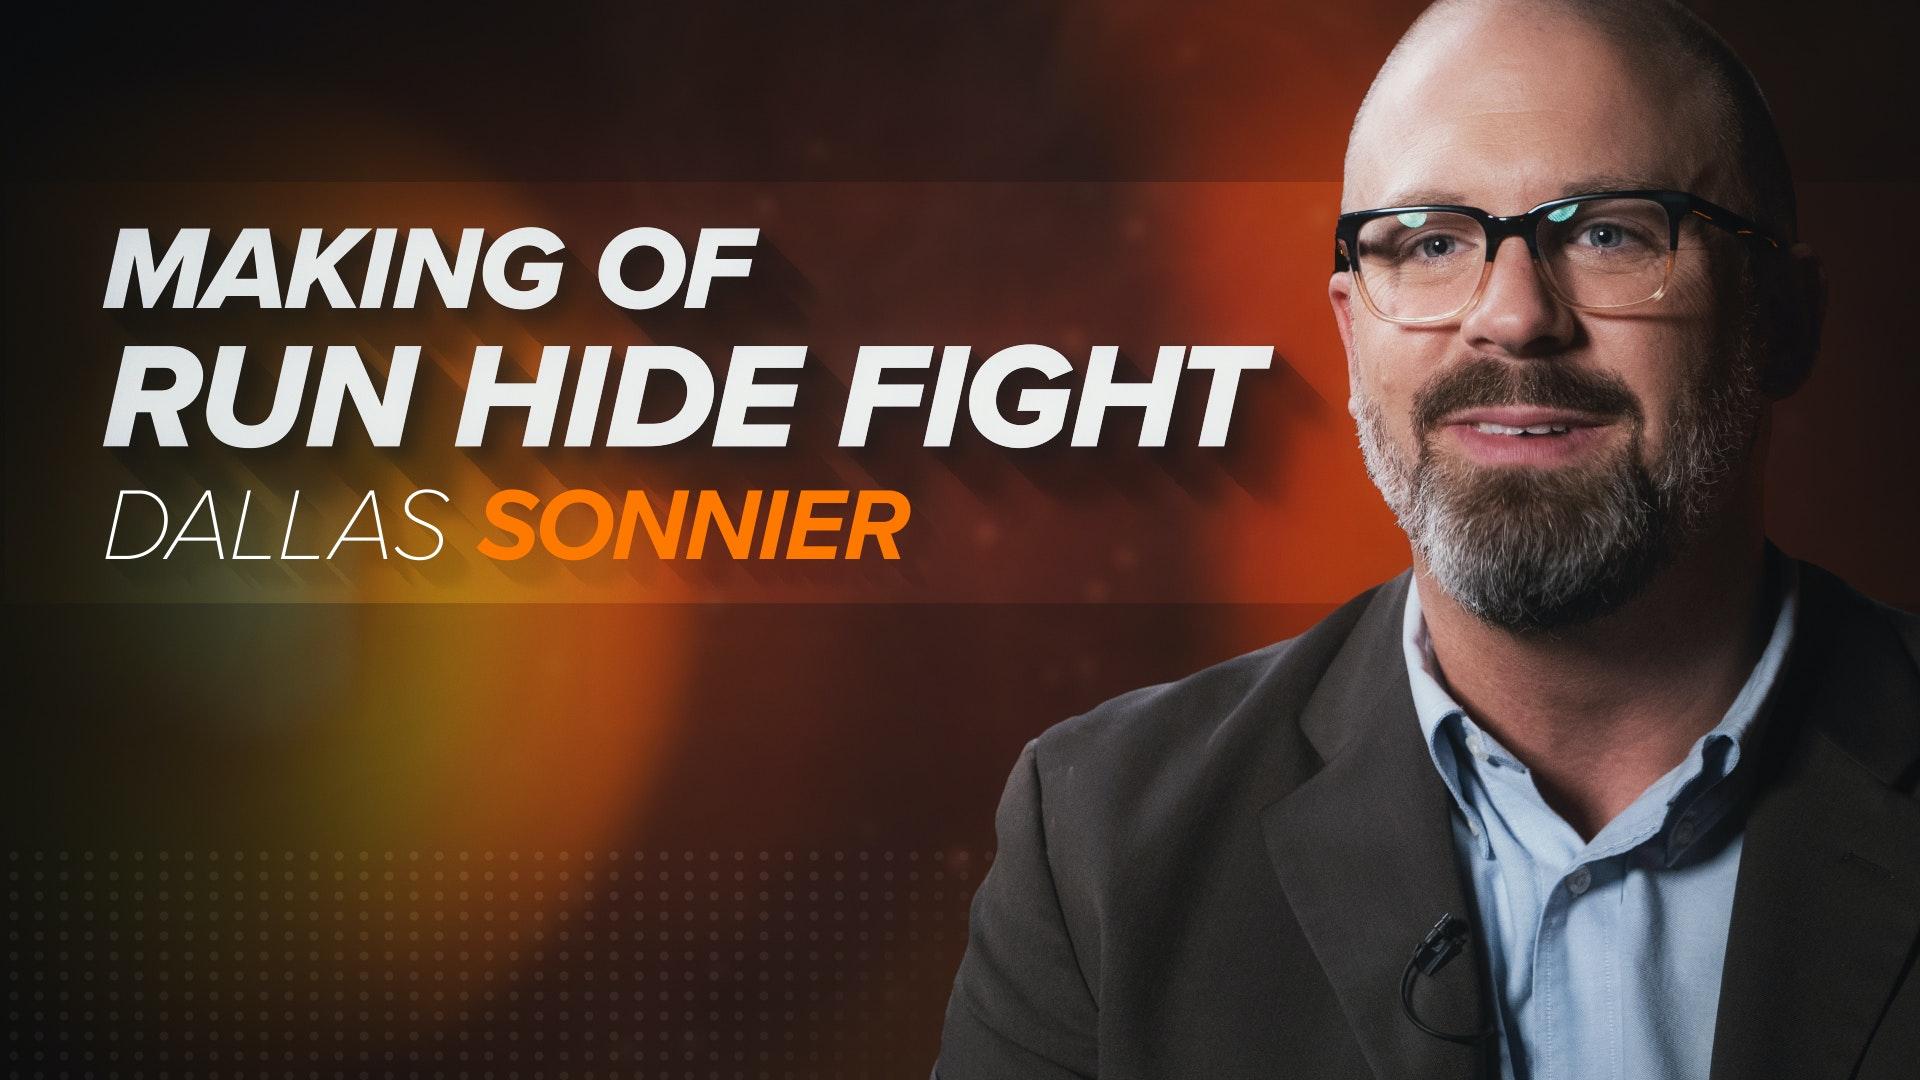 Ep. 110 - Dallas Sonnier